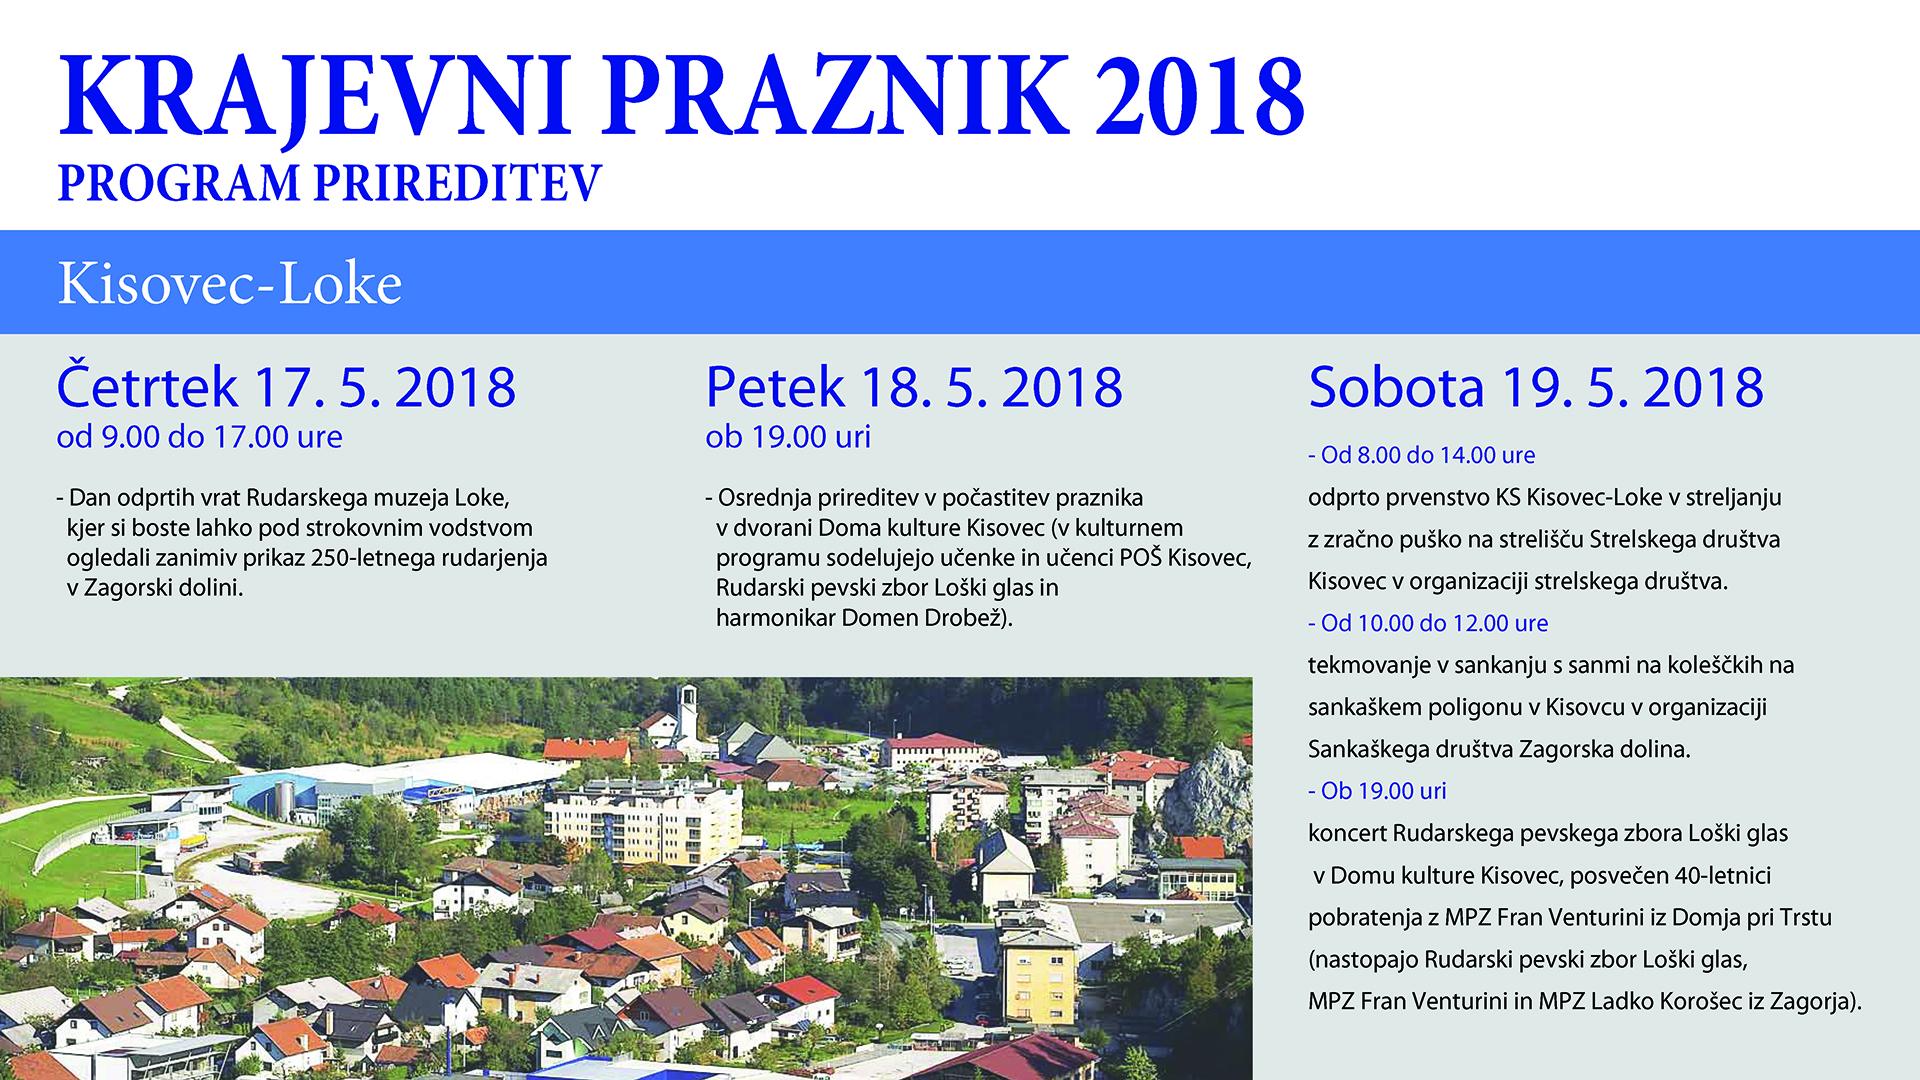 Praznik KS 2018 Vabilo